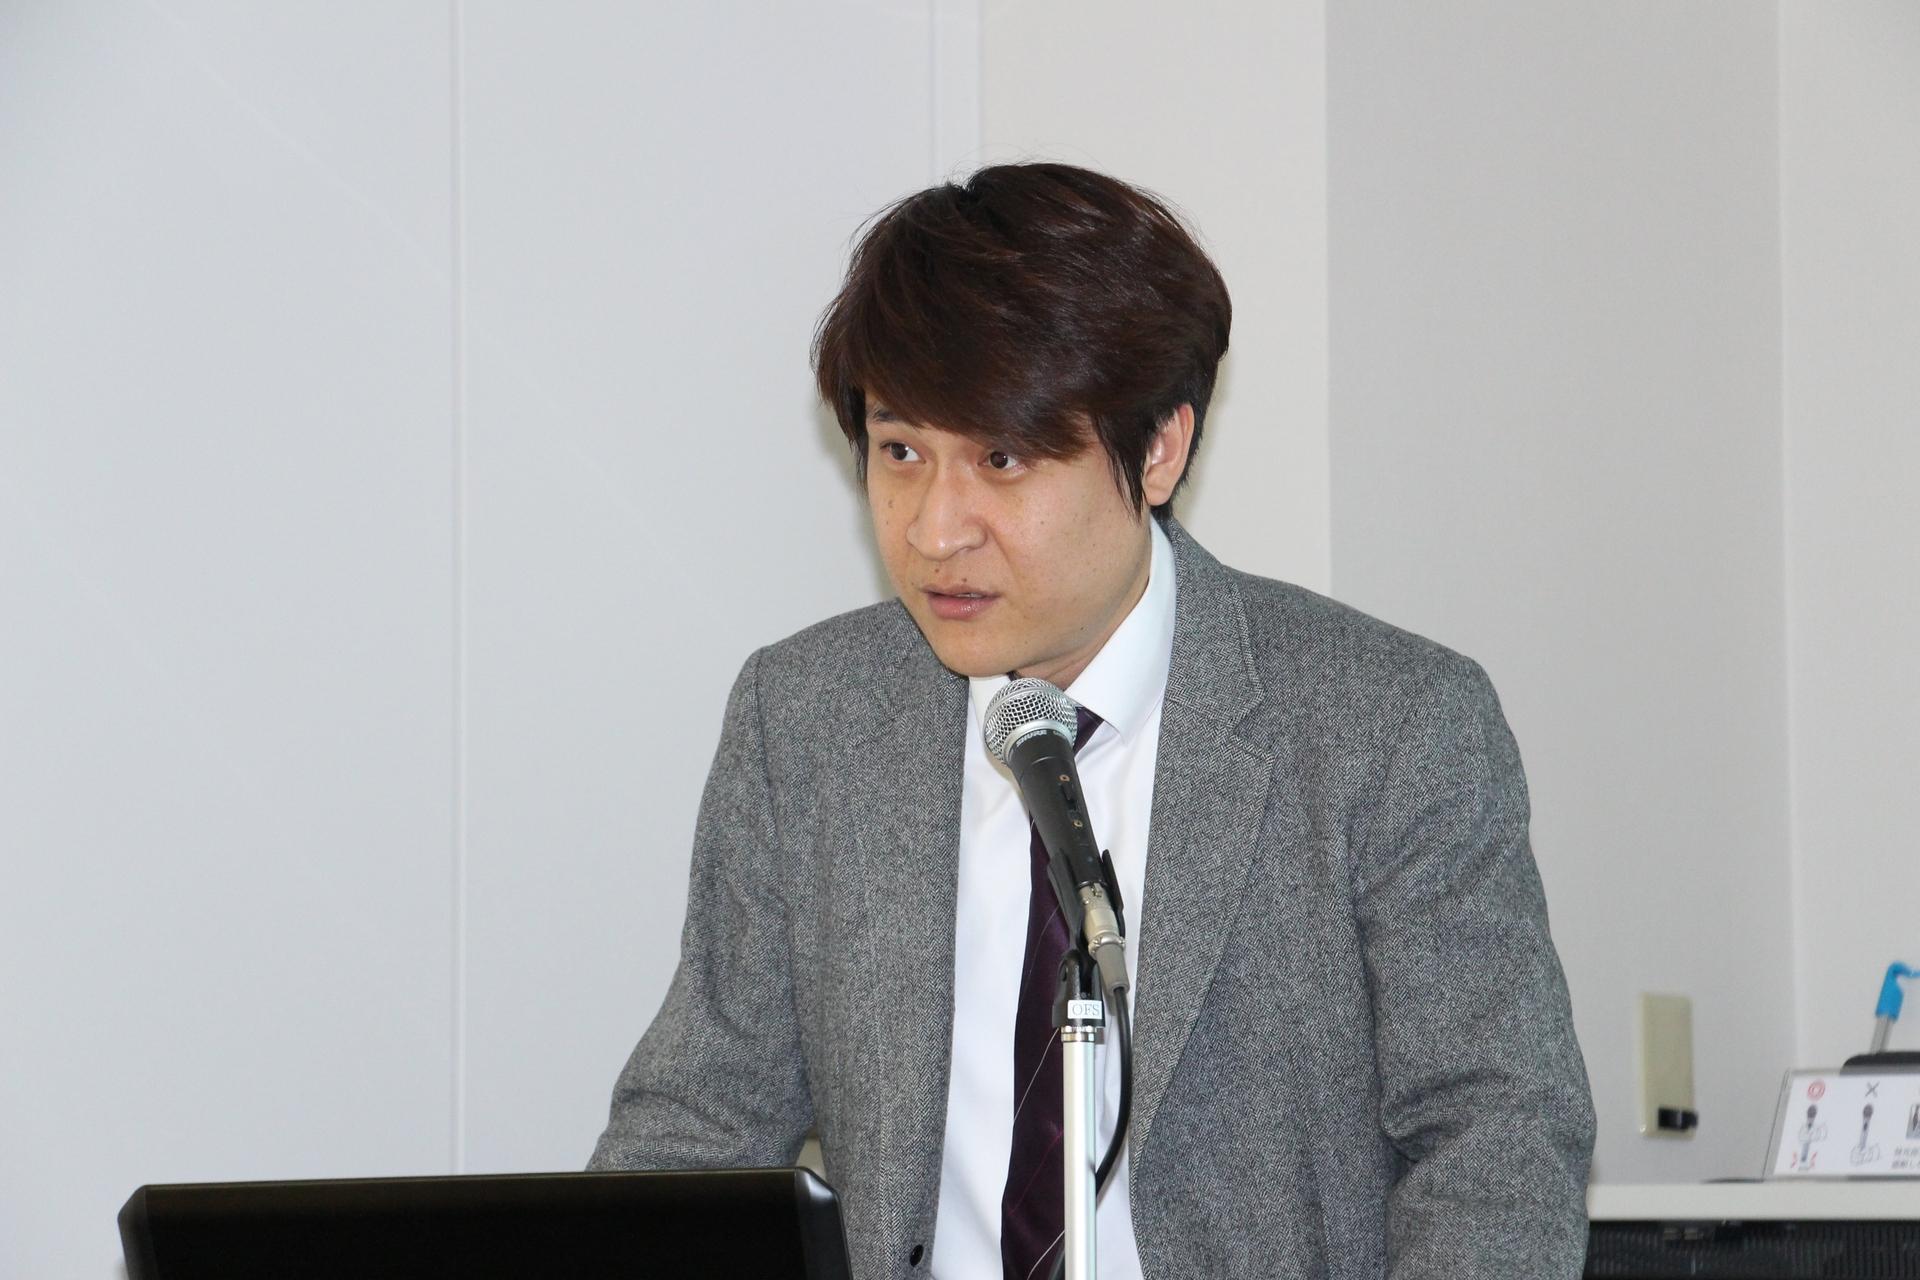 挨拶を行なったエムエスアイコンピュータージャパン代表取締役社長のBrian Kung氏